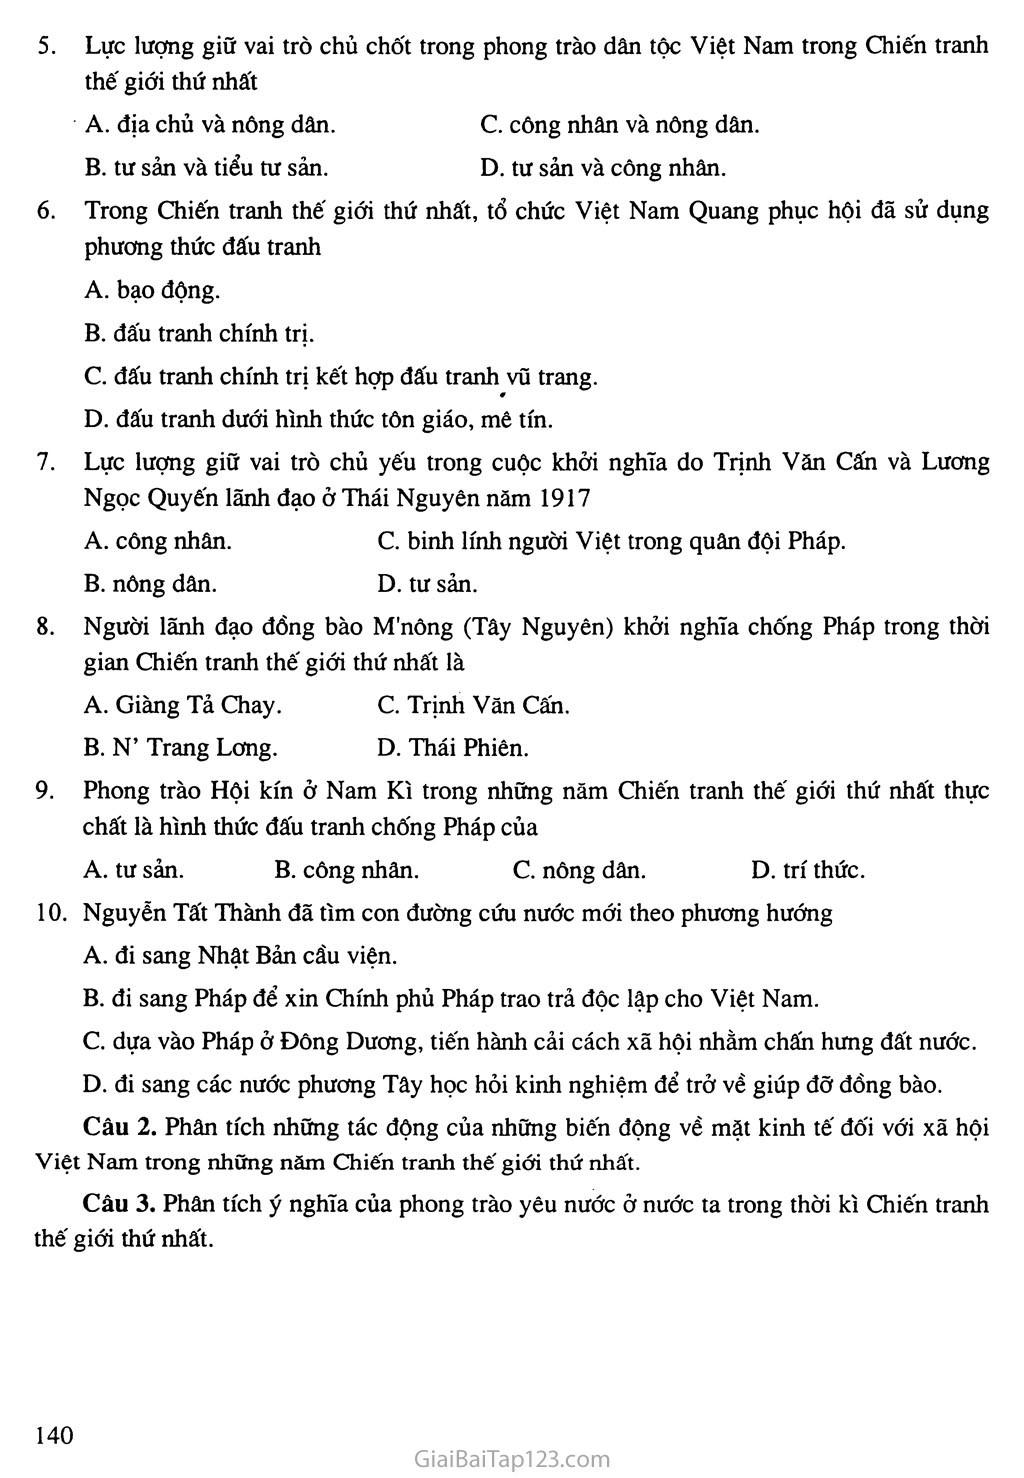 Bài 24: Việt Nam trong những năm chiến tranh thế giới thứ nhất (1914 - 1918) trang 8